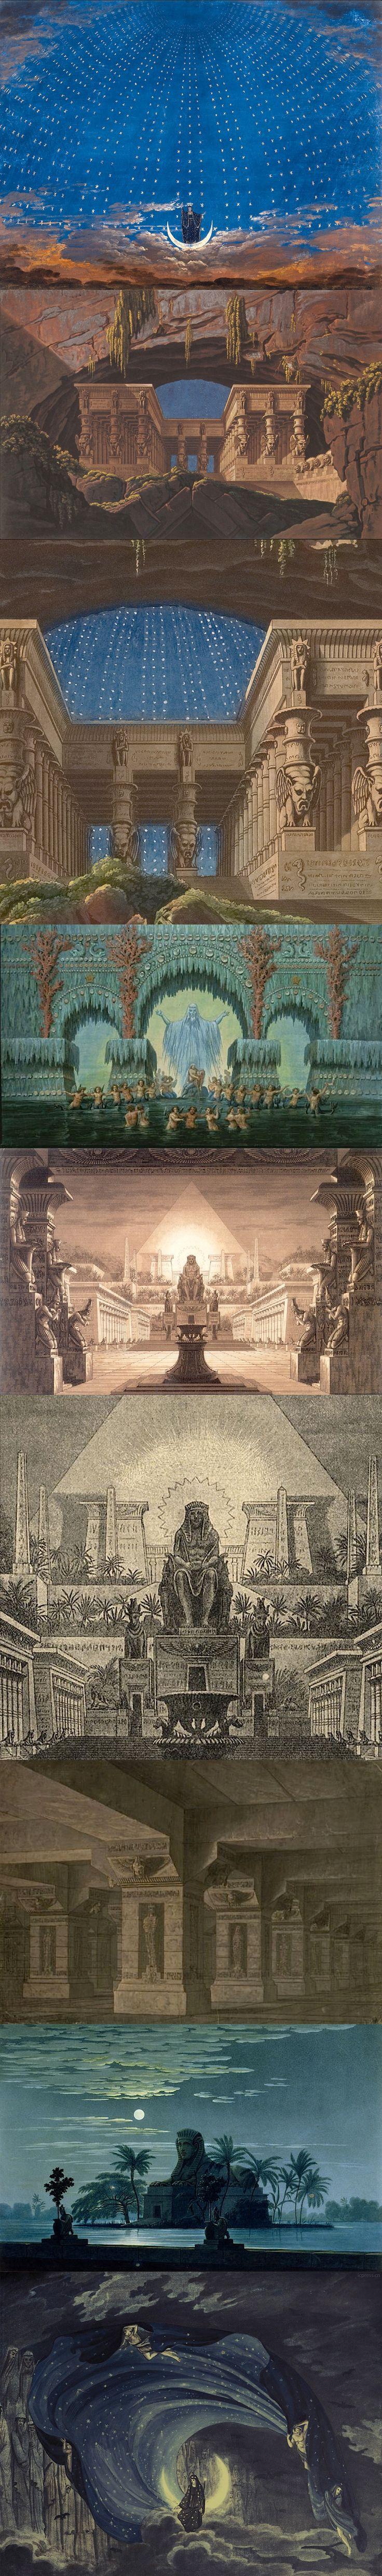 Karl Friedrich Schinkel, scenic designs for Die Zauberflöte (The Magic Flute); The Hall of Stars in the Palace of the Queen of the Night [Königin der Nacht]; Entwurfzeichnung zum Bühnenbild, Berlin, c. 1816.